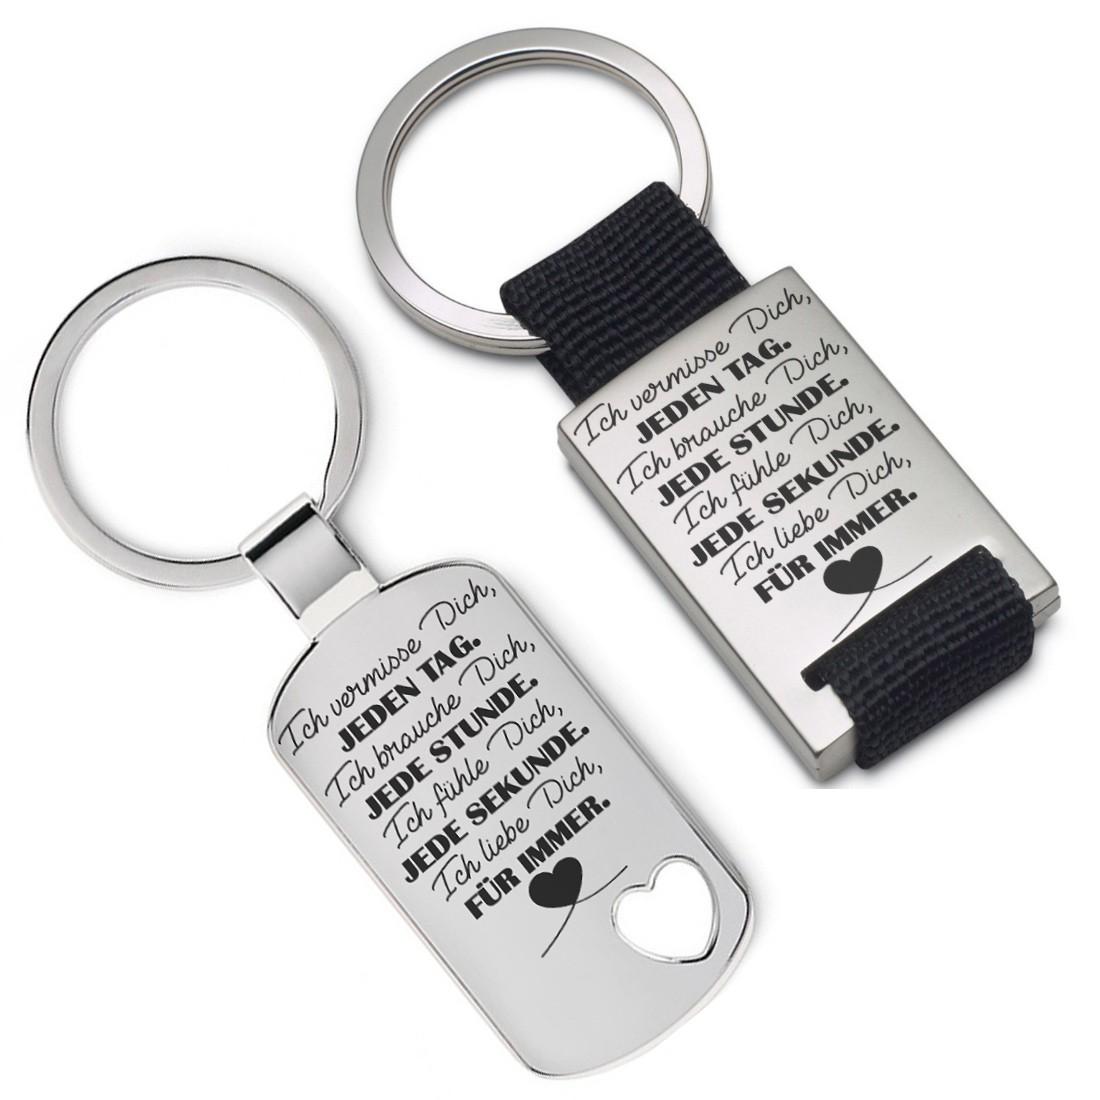 Schlüsselanhänger Ich Liebe dich für immer Partner Silber Metall Anhänger Charm